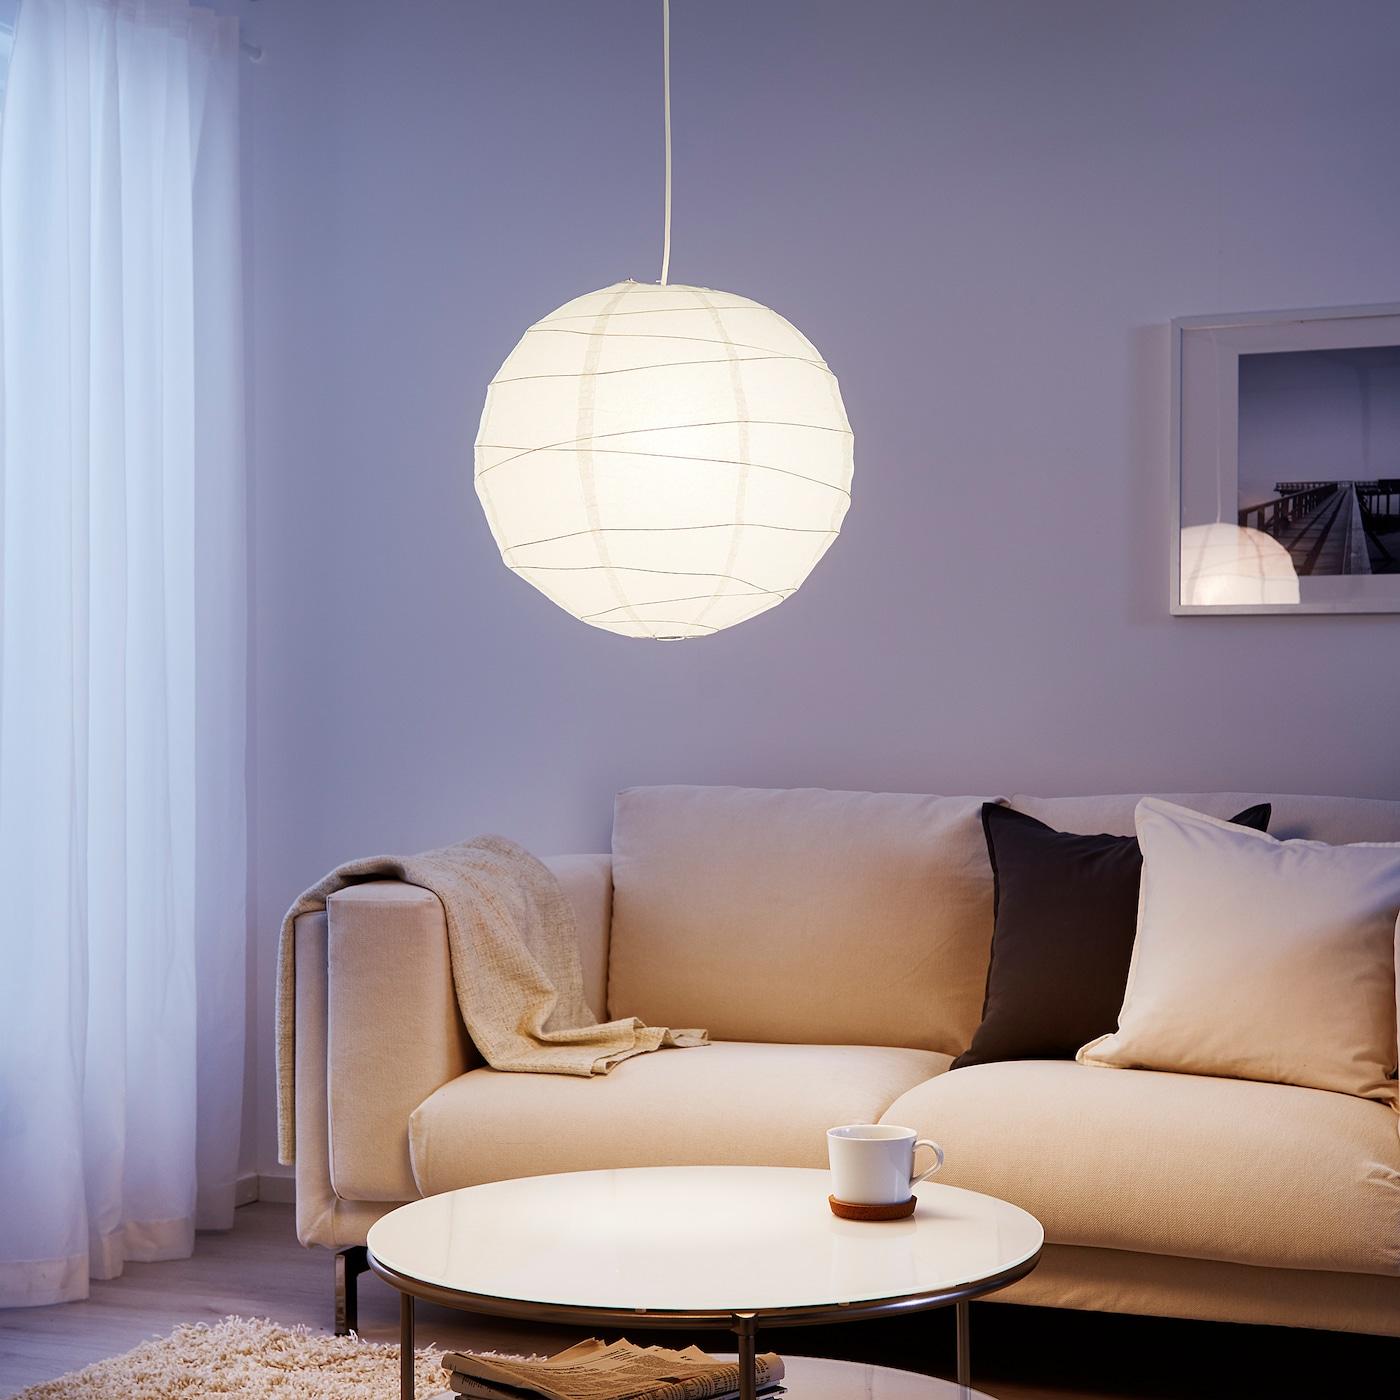 Full Size of Ikea Bogenlampe Regolit Anleitung Stehlampe Steh Kaufen Hack Bogenlampen Papier Esstisch Betten Bei 160x200 Miniküche Küche Kosten Sofa Mit Schlaffunktion Wohnzimmer Ikea Bogenlampe